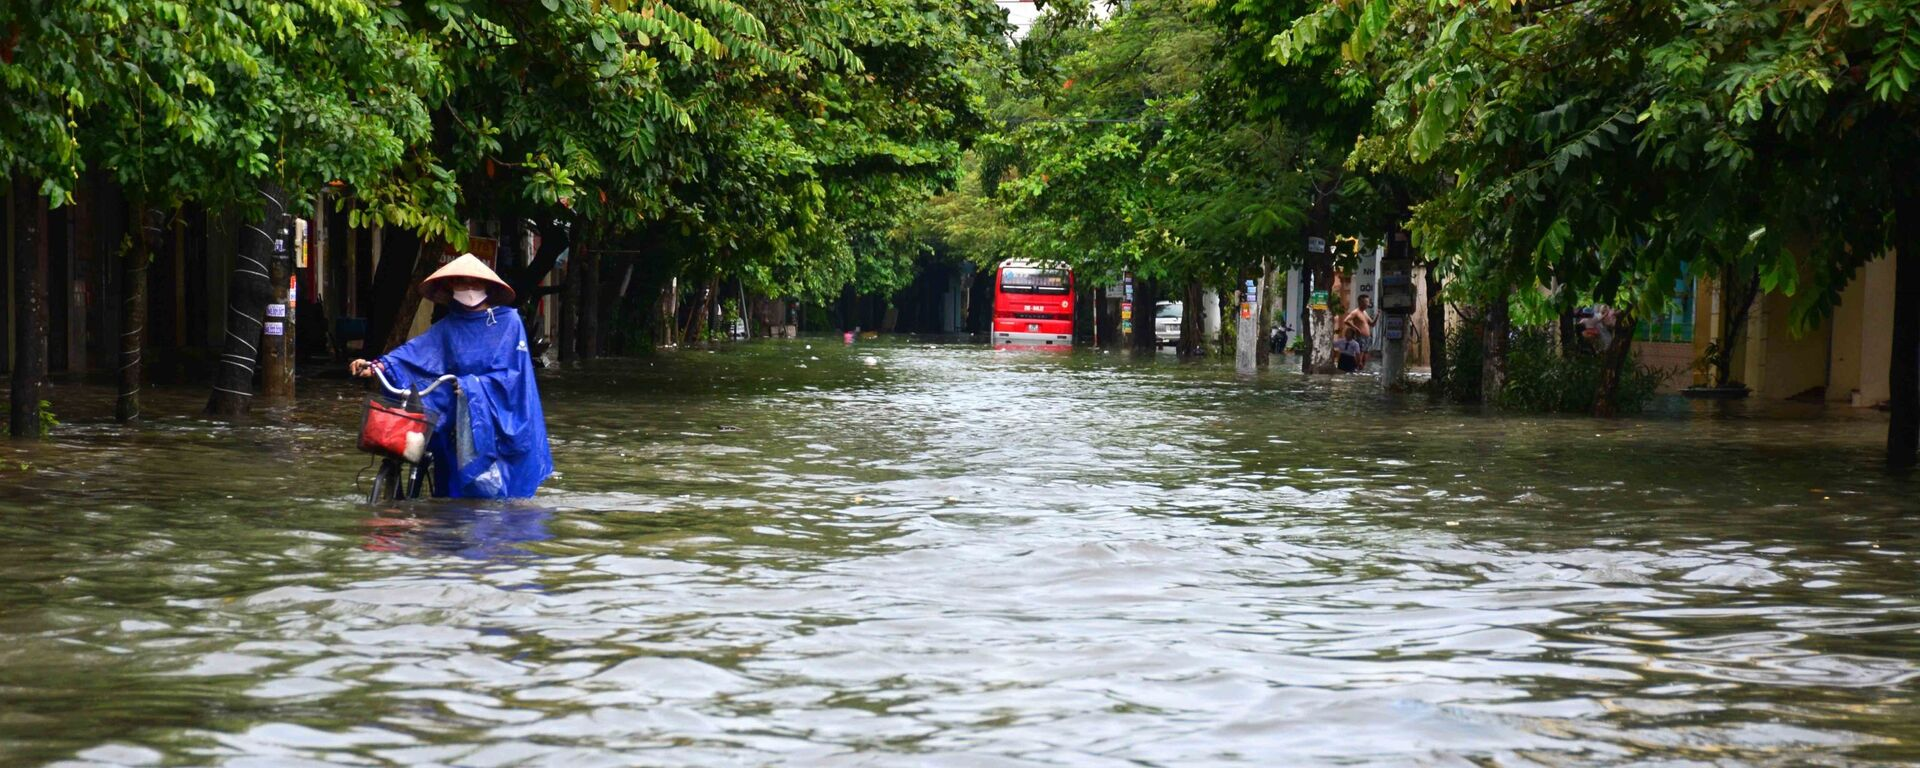 Mưa lớn khiến phố Máy Tơ, thành phố Nam Định bị ngập sâu trong nước, các phương tiện di chuyển khó khăn - Sputnik Việt Nam, 1920, 09.09.2021